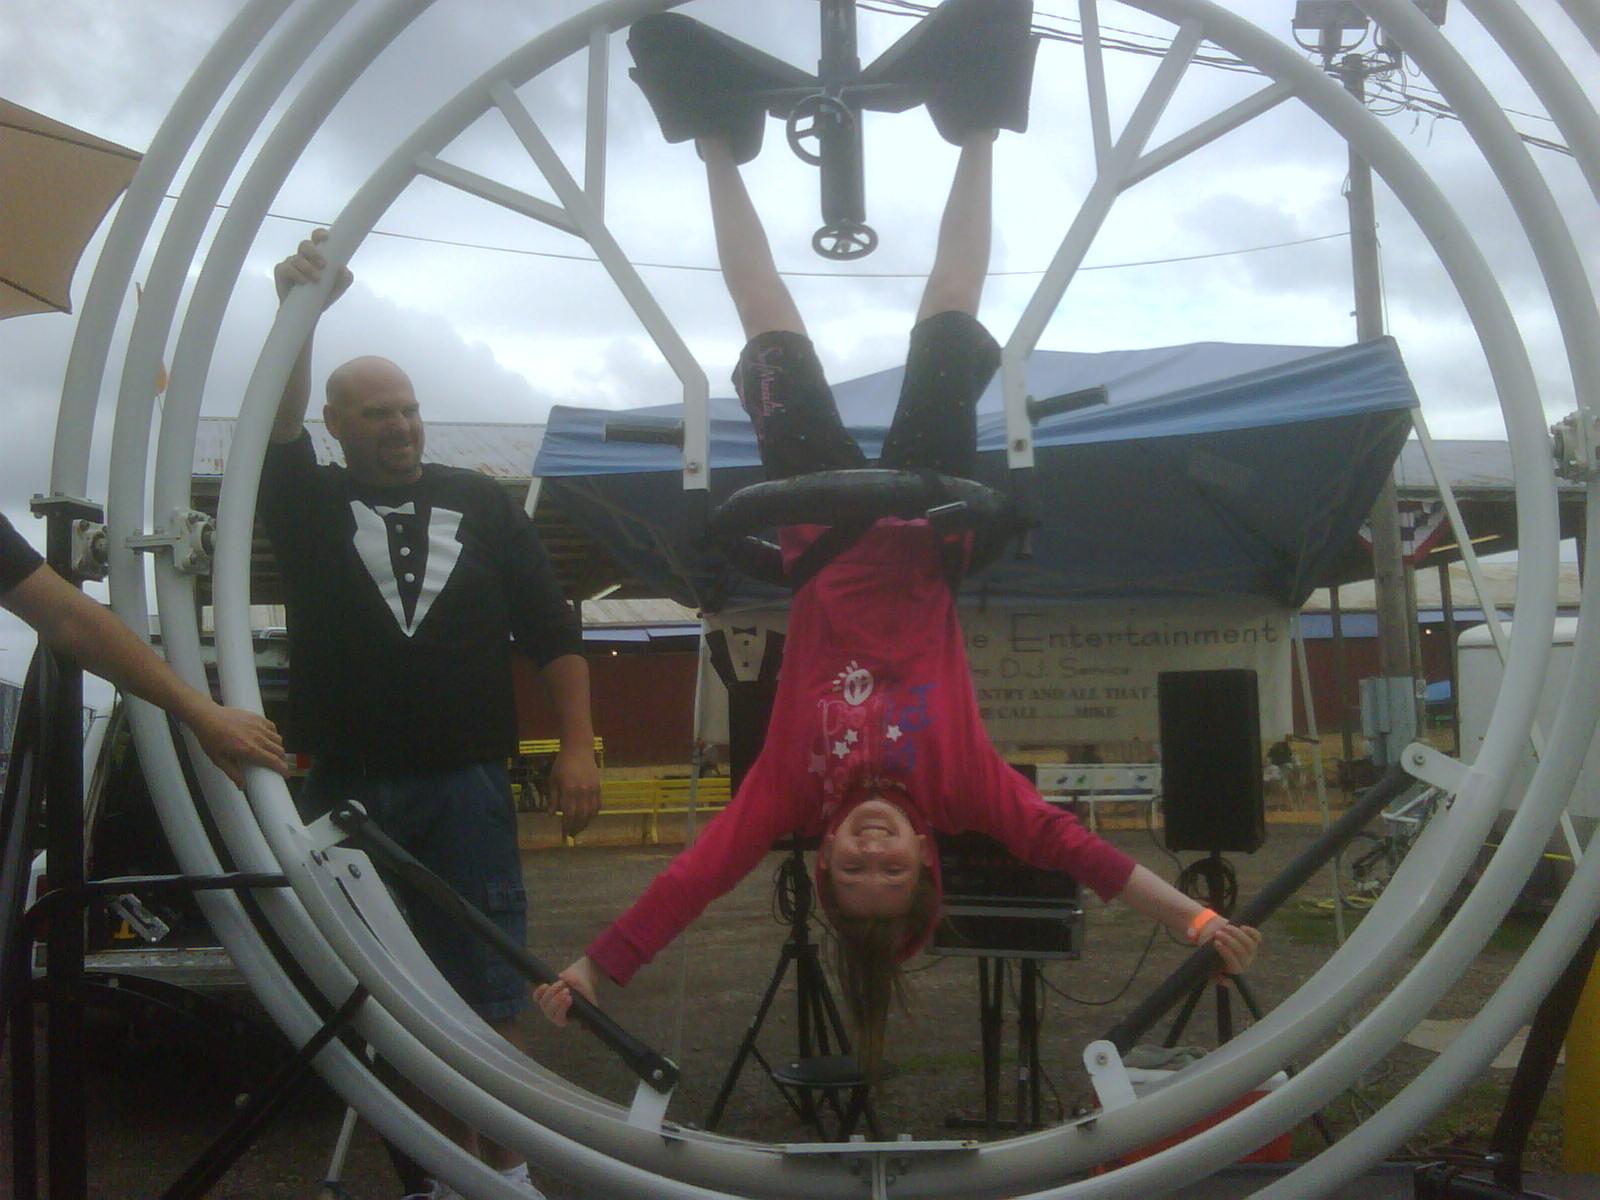 2094-katie-at-clark-county-fair.jpg